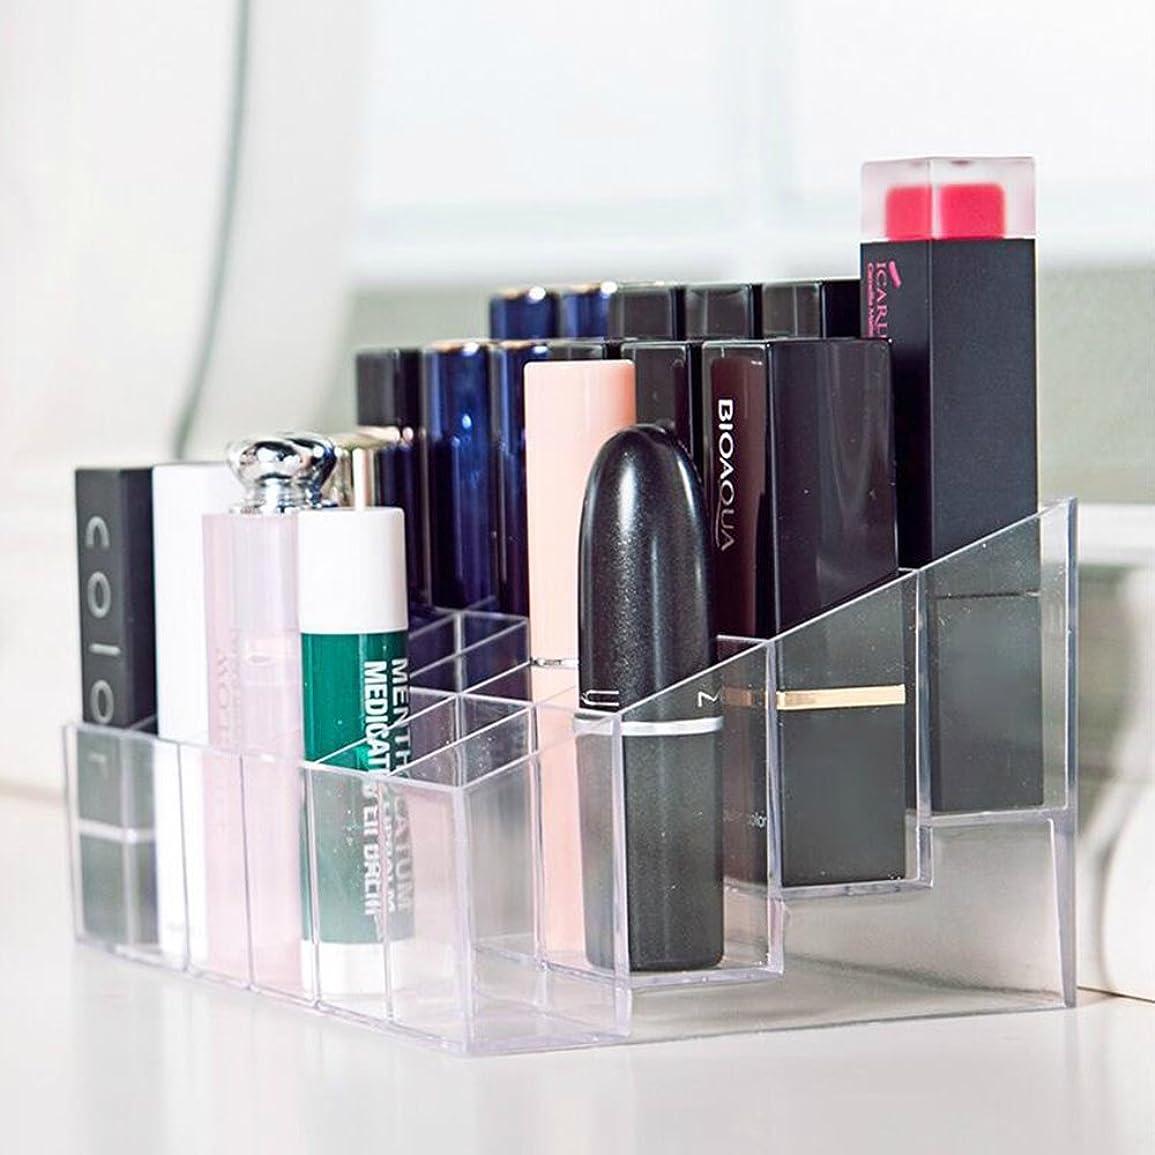 ダイアクリティカル信号より口紅ホルダー 透明プラスチック製 台形メイクアップ 化粧品ディスプレイスタンド リップスティック ホルダー 24仕切り